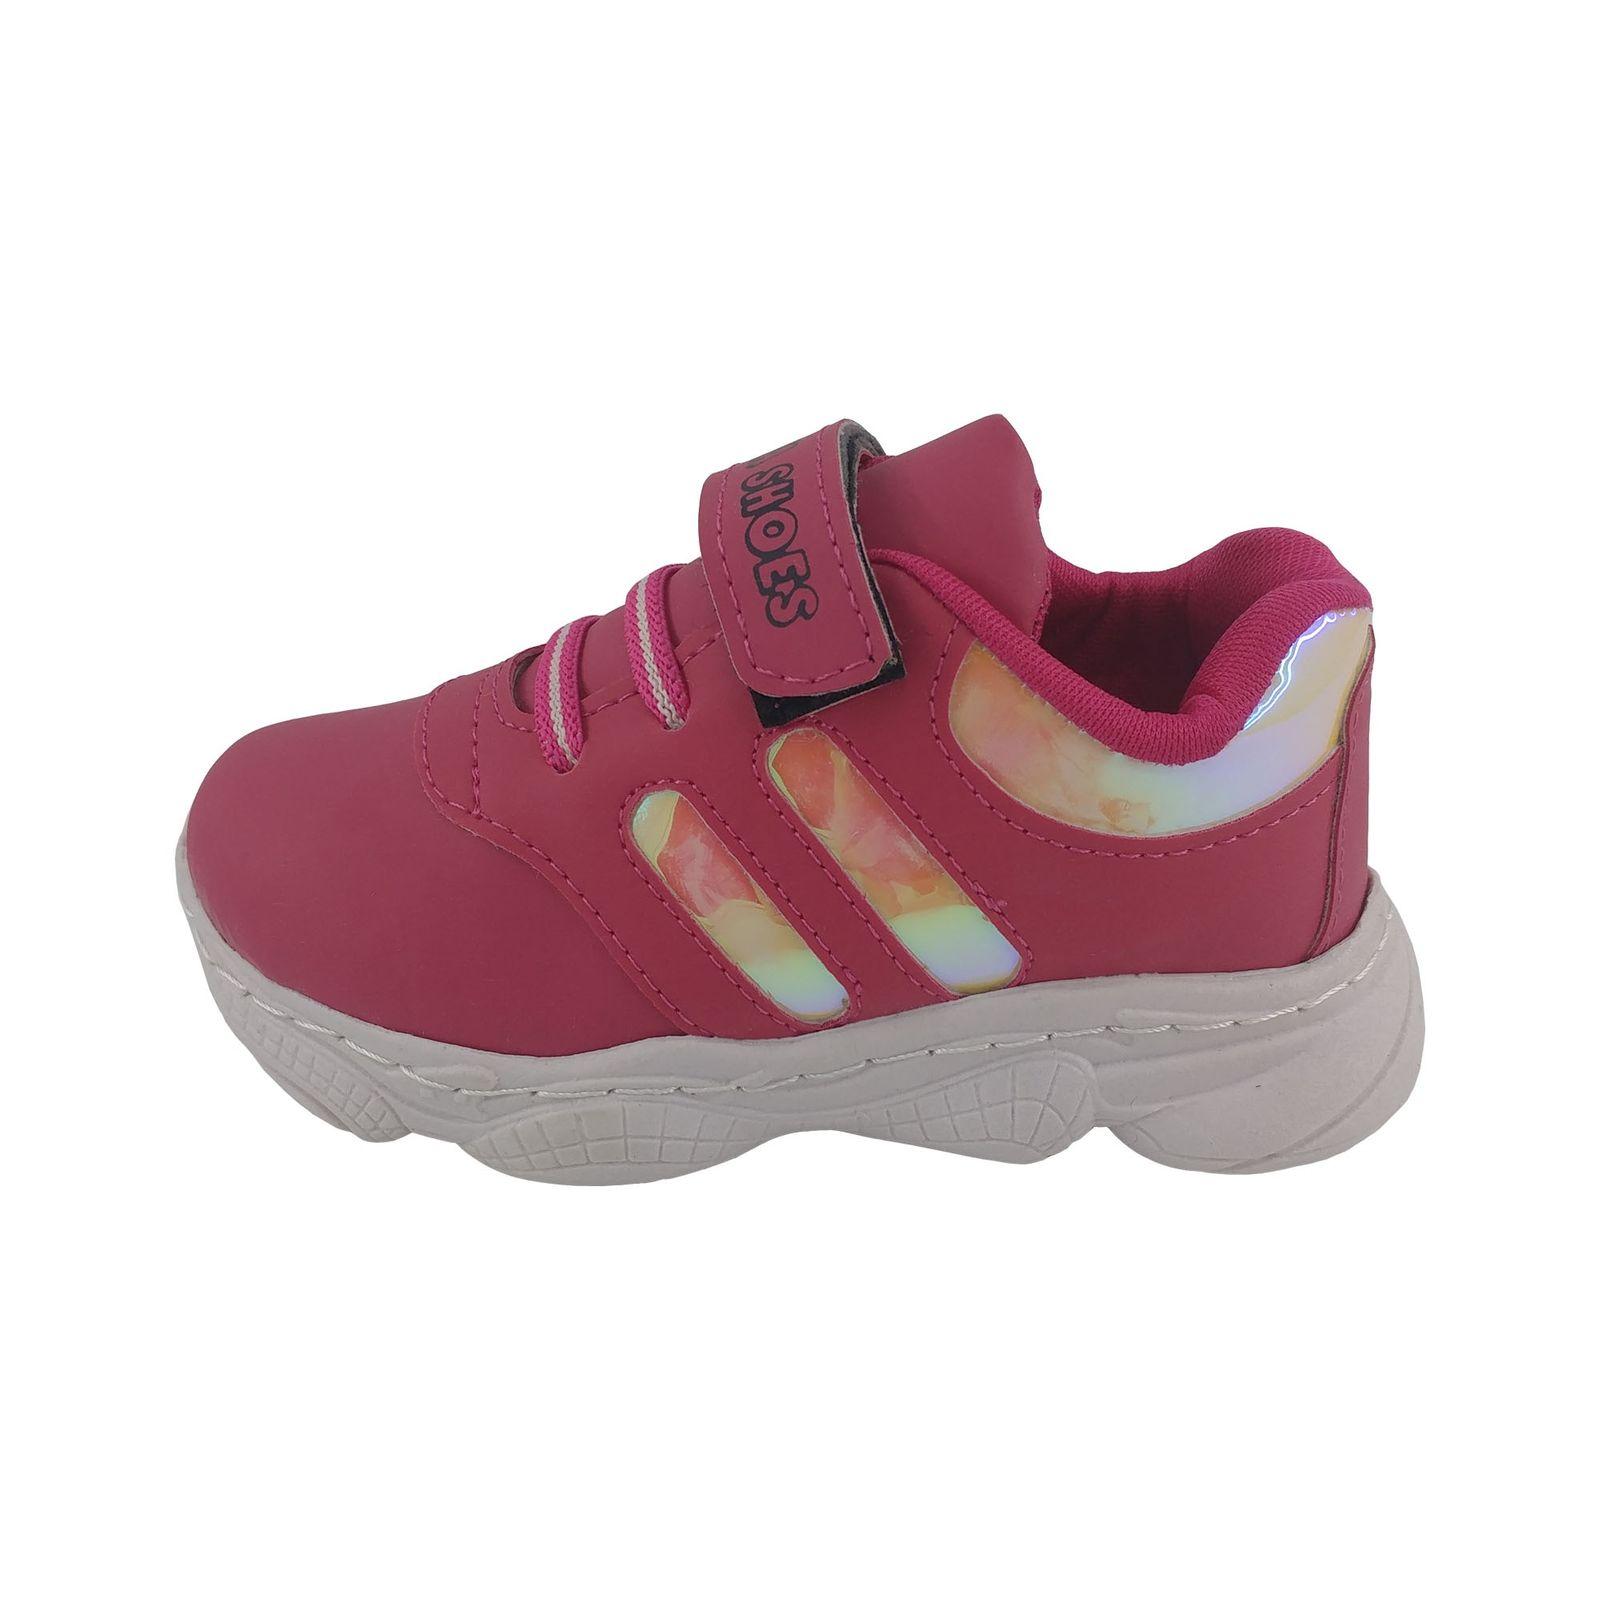 کفش راحتی بچگانه مدل bsh123 -  - 2